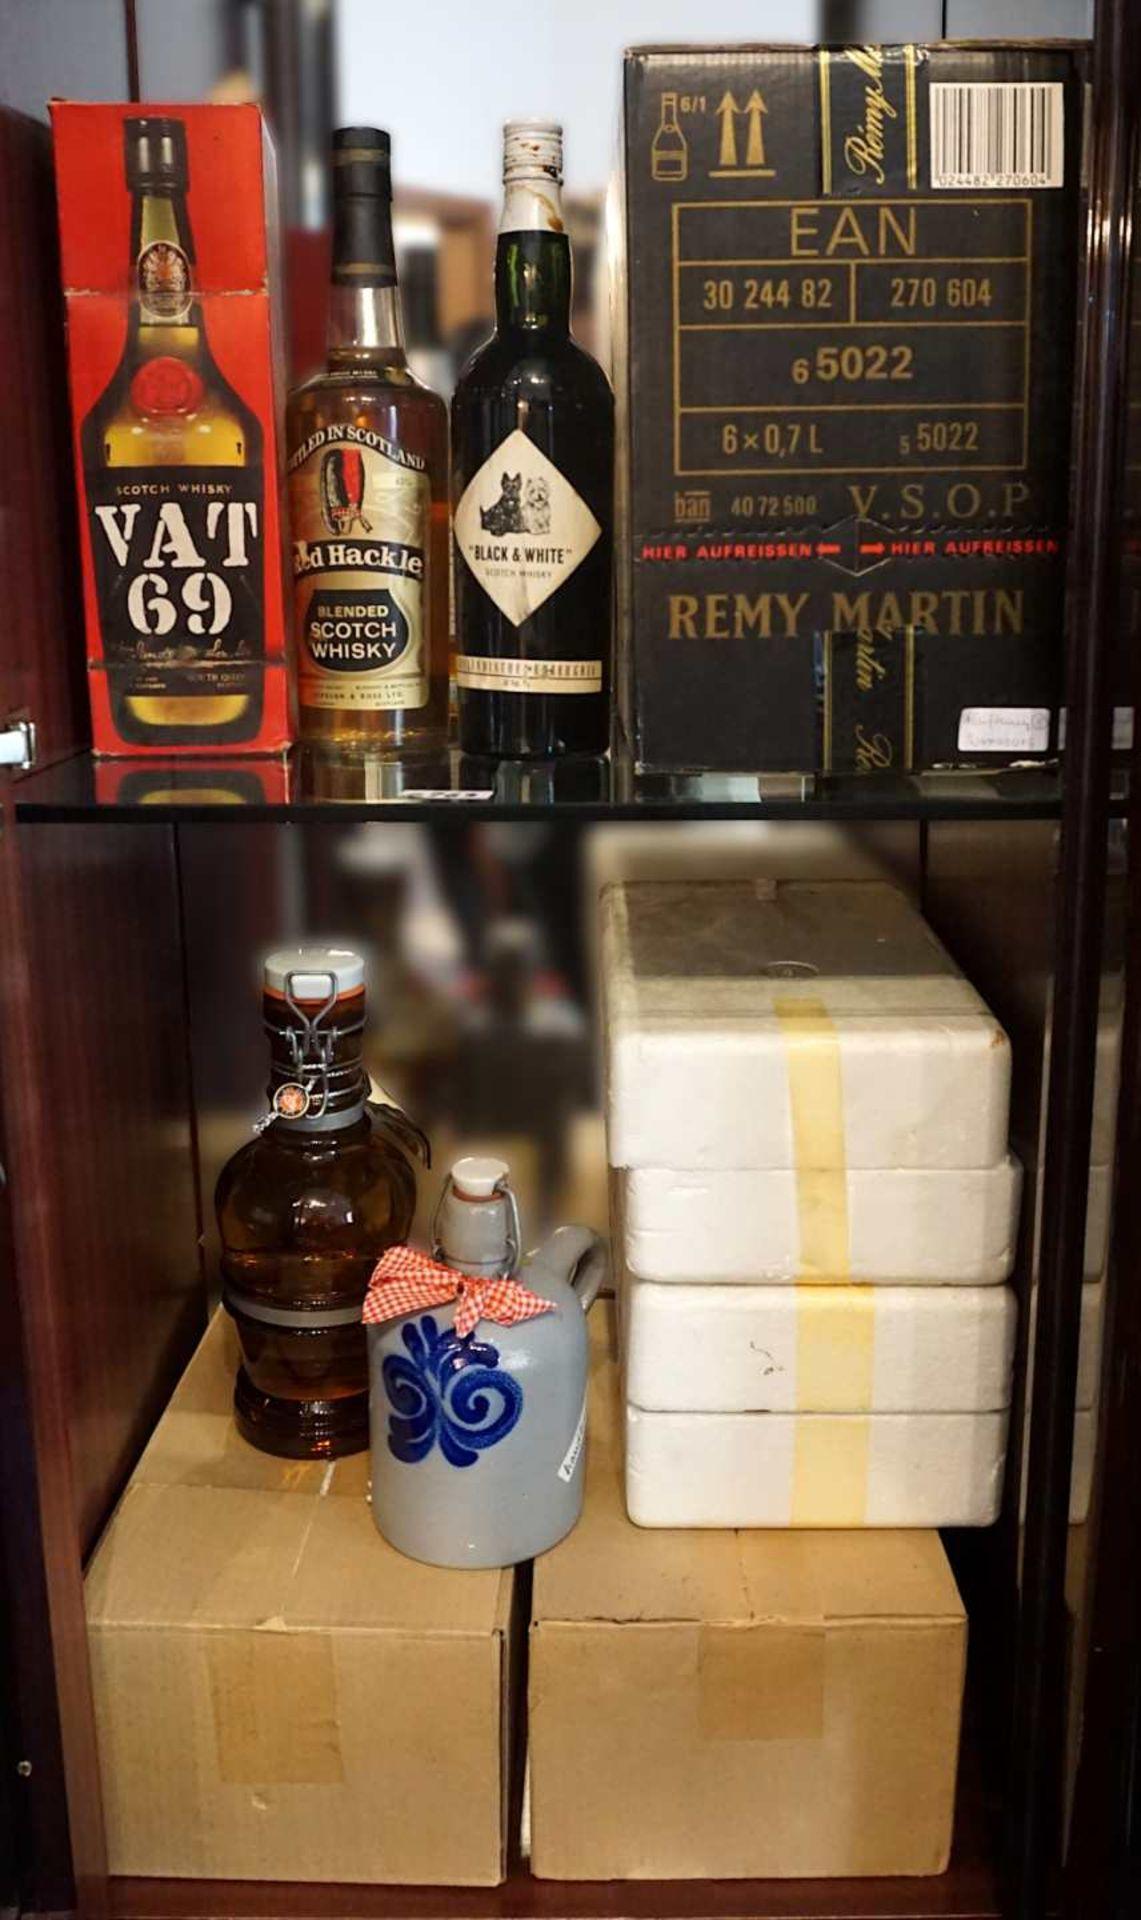 1 großes Konv. verschiedenster Spirituosen, z.T. mehrere Flaschen pro Marke (insgesamt wohl meh - Bild 3 aus 3